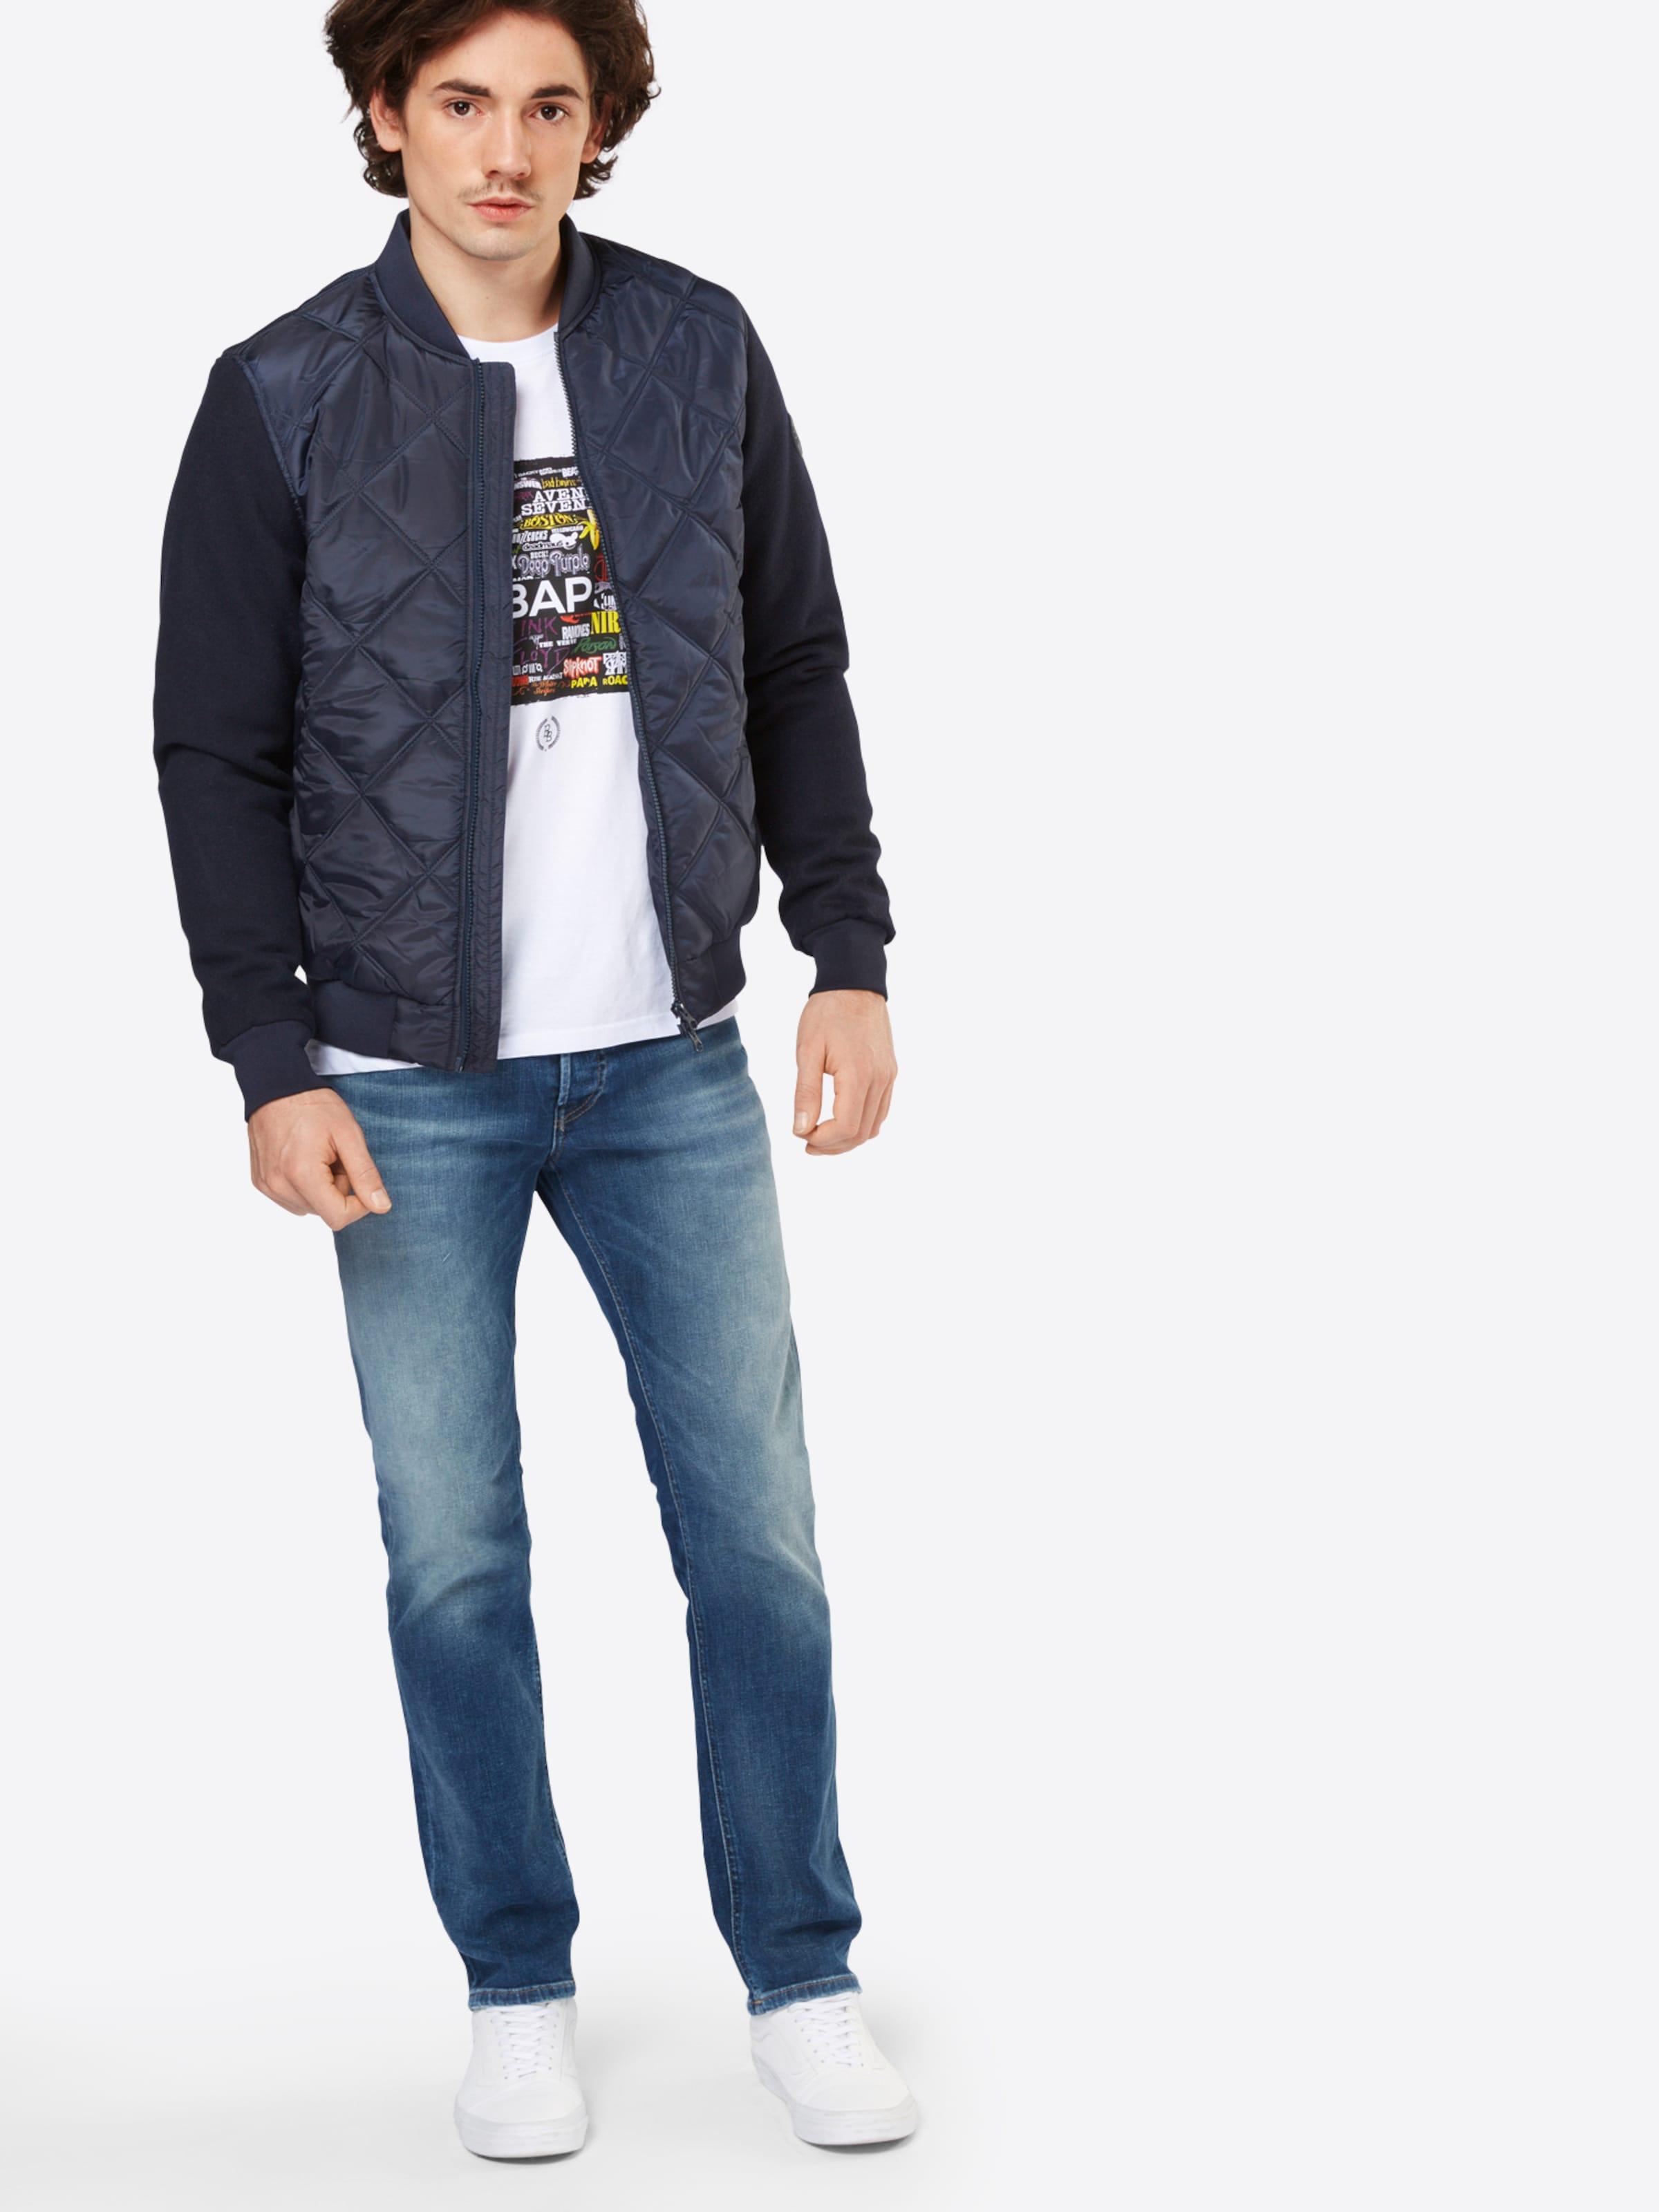 Billig Authentisch Auslass Schnelle Lieferung JACK & JONES Regular-Fit Jeans 'CLARK' Empfehlen Günstig Online Rabatt Großer Verkauf cmpMJL